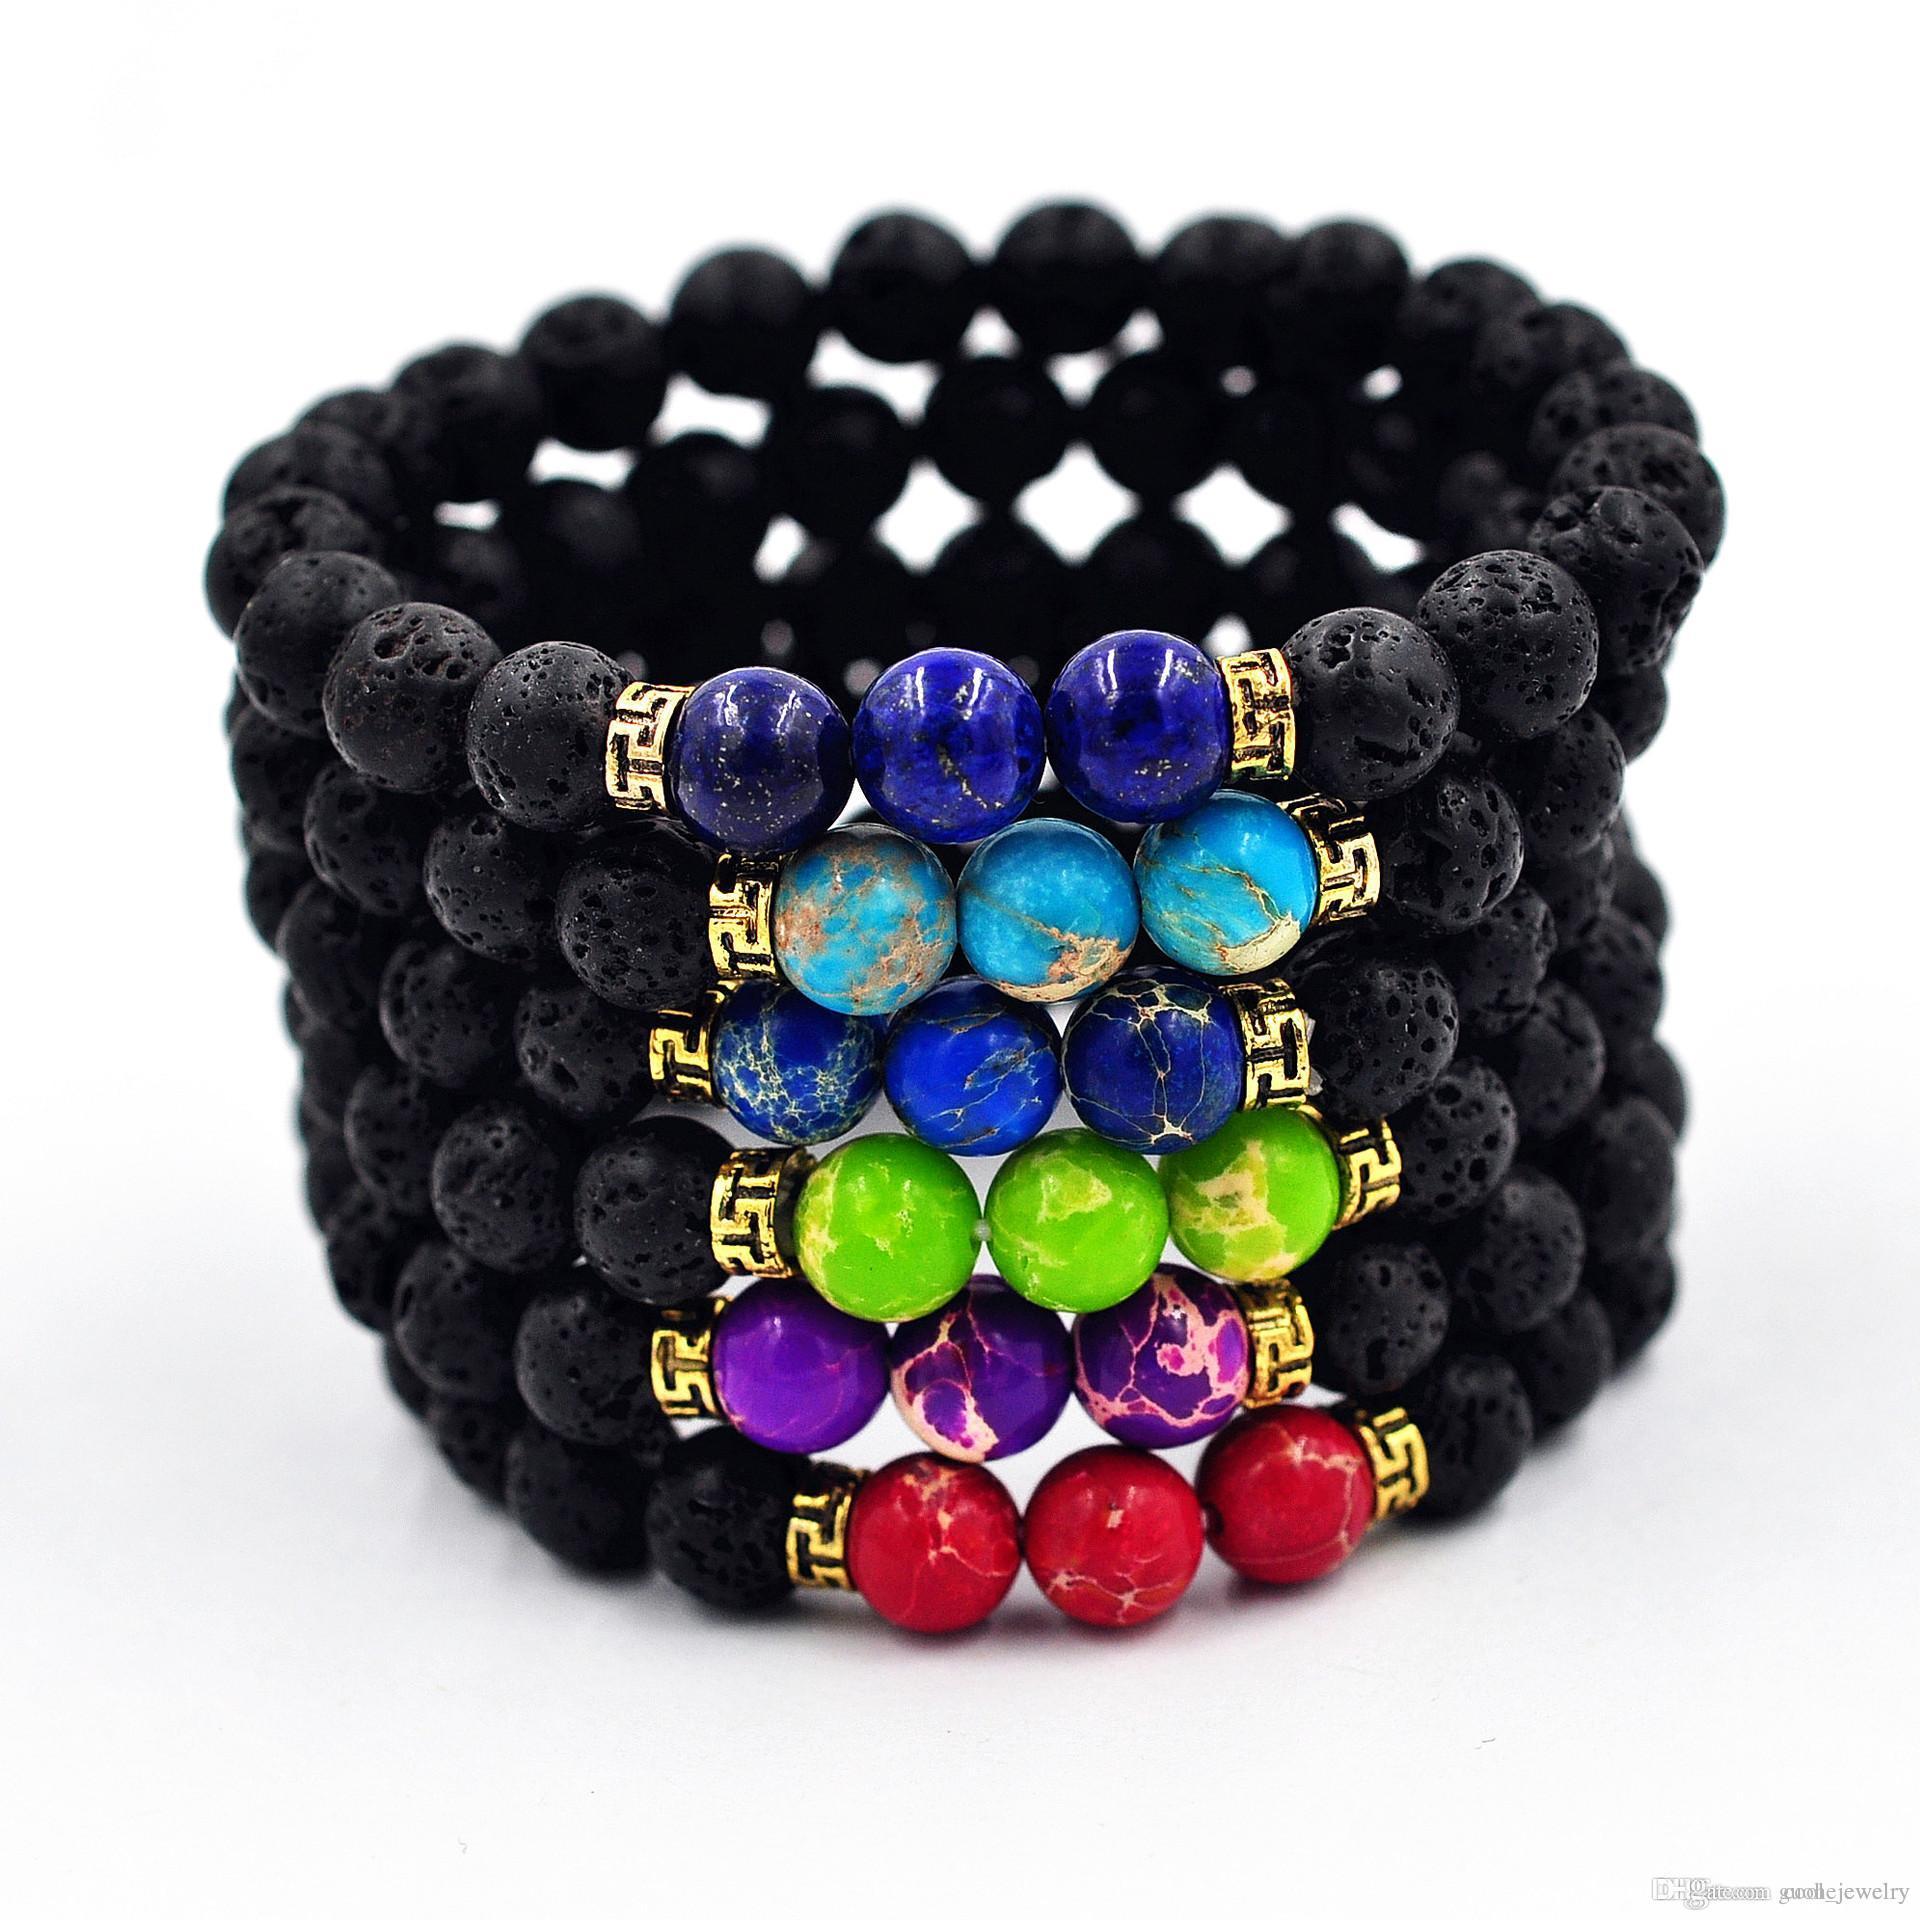 Nuevas pulseras de cuentas unisex pulseras de piedra de lava natural pulseras de cuentas de Buda retro envío gratis